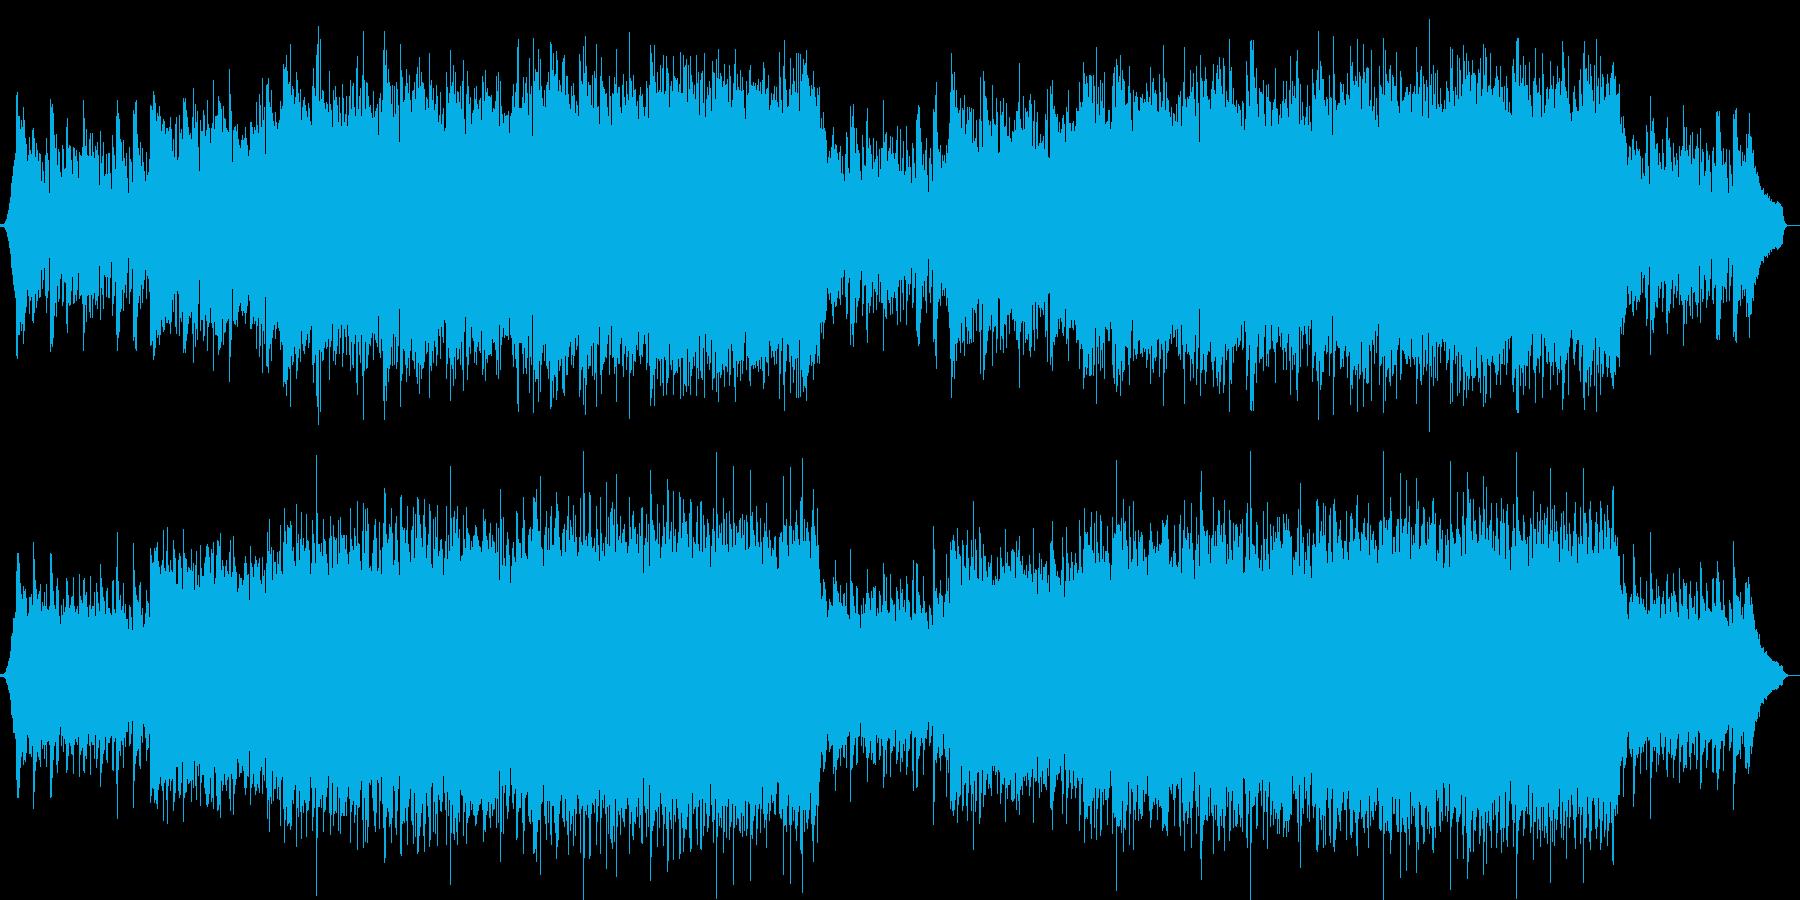 企業VPや映像72、オーケストラ、壮大aの再生済みの波形